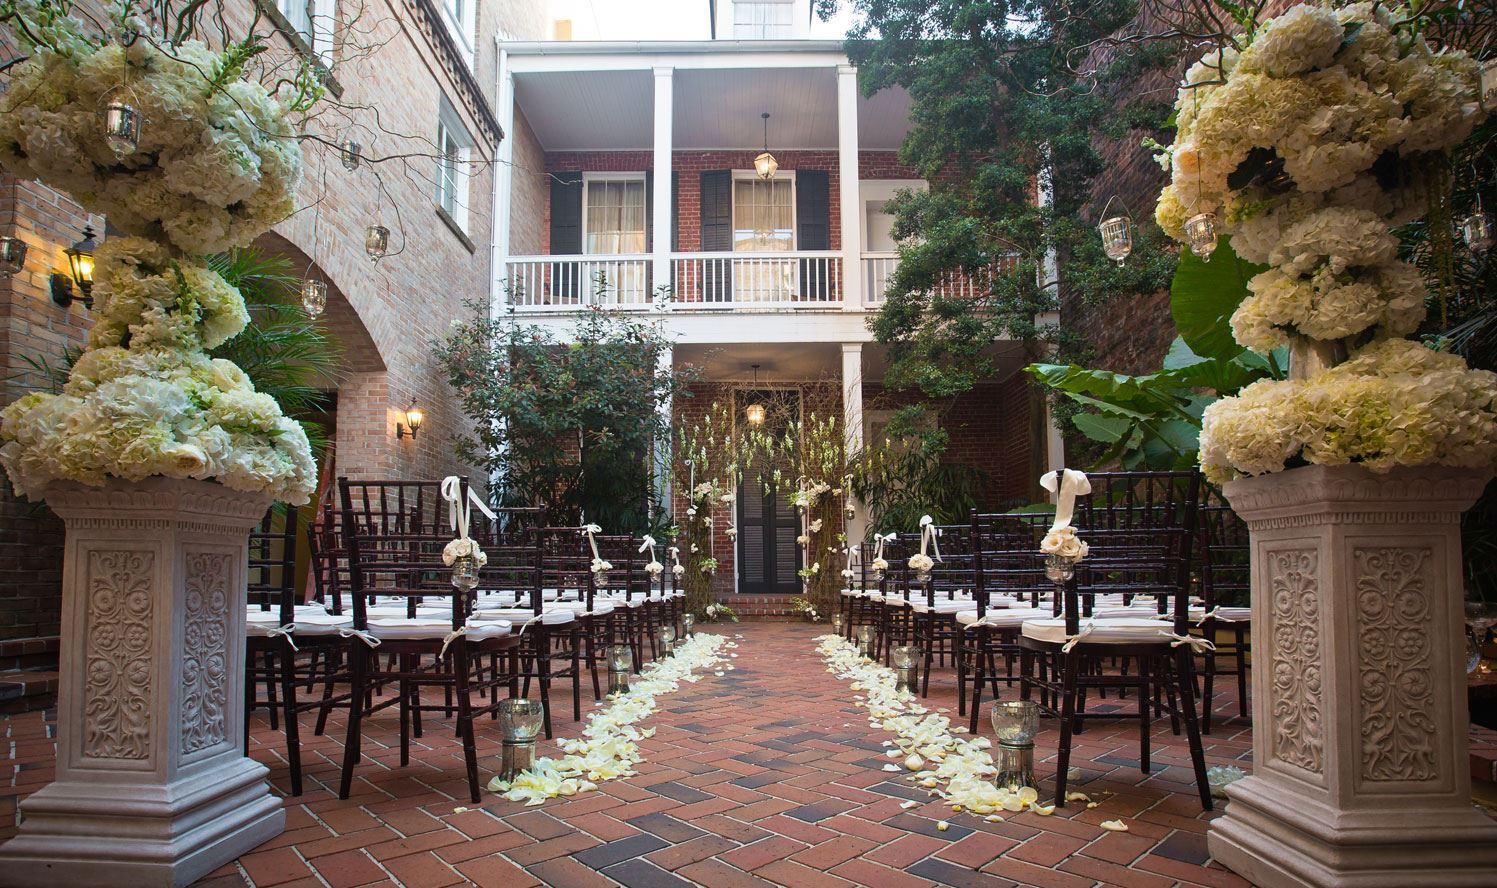 Chateau Lemoyne French Quarter A Holiday Inn Hotel In